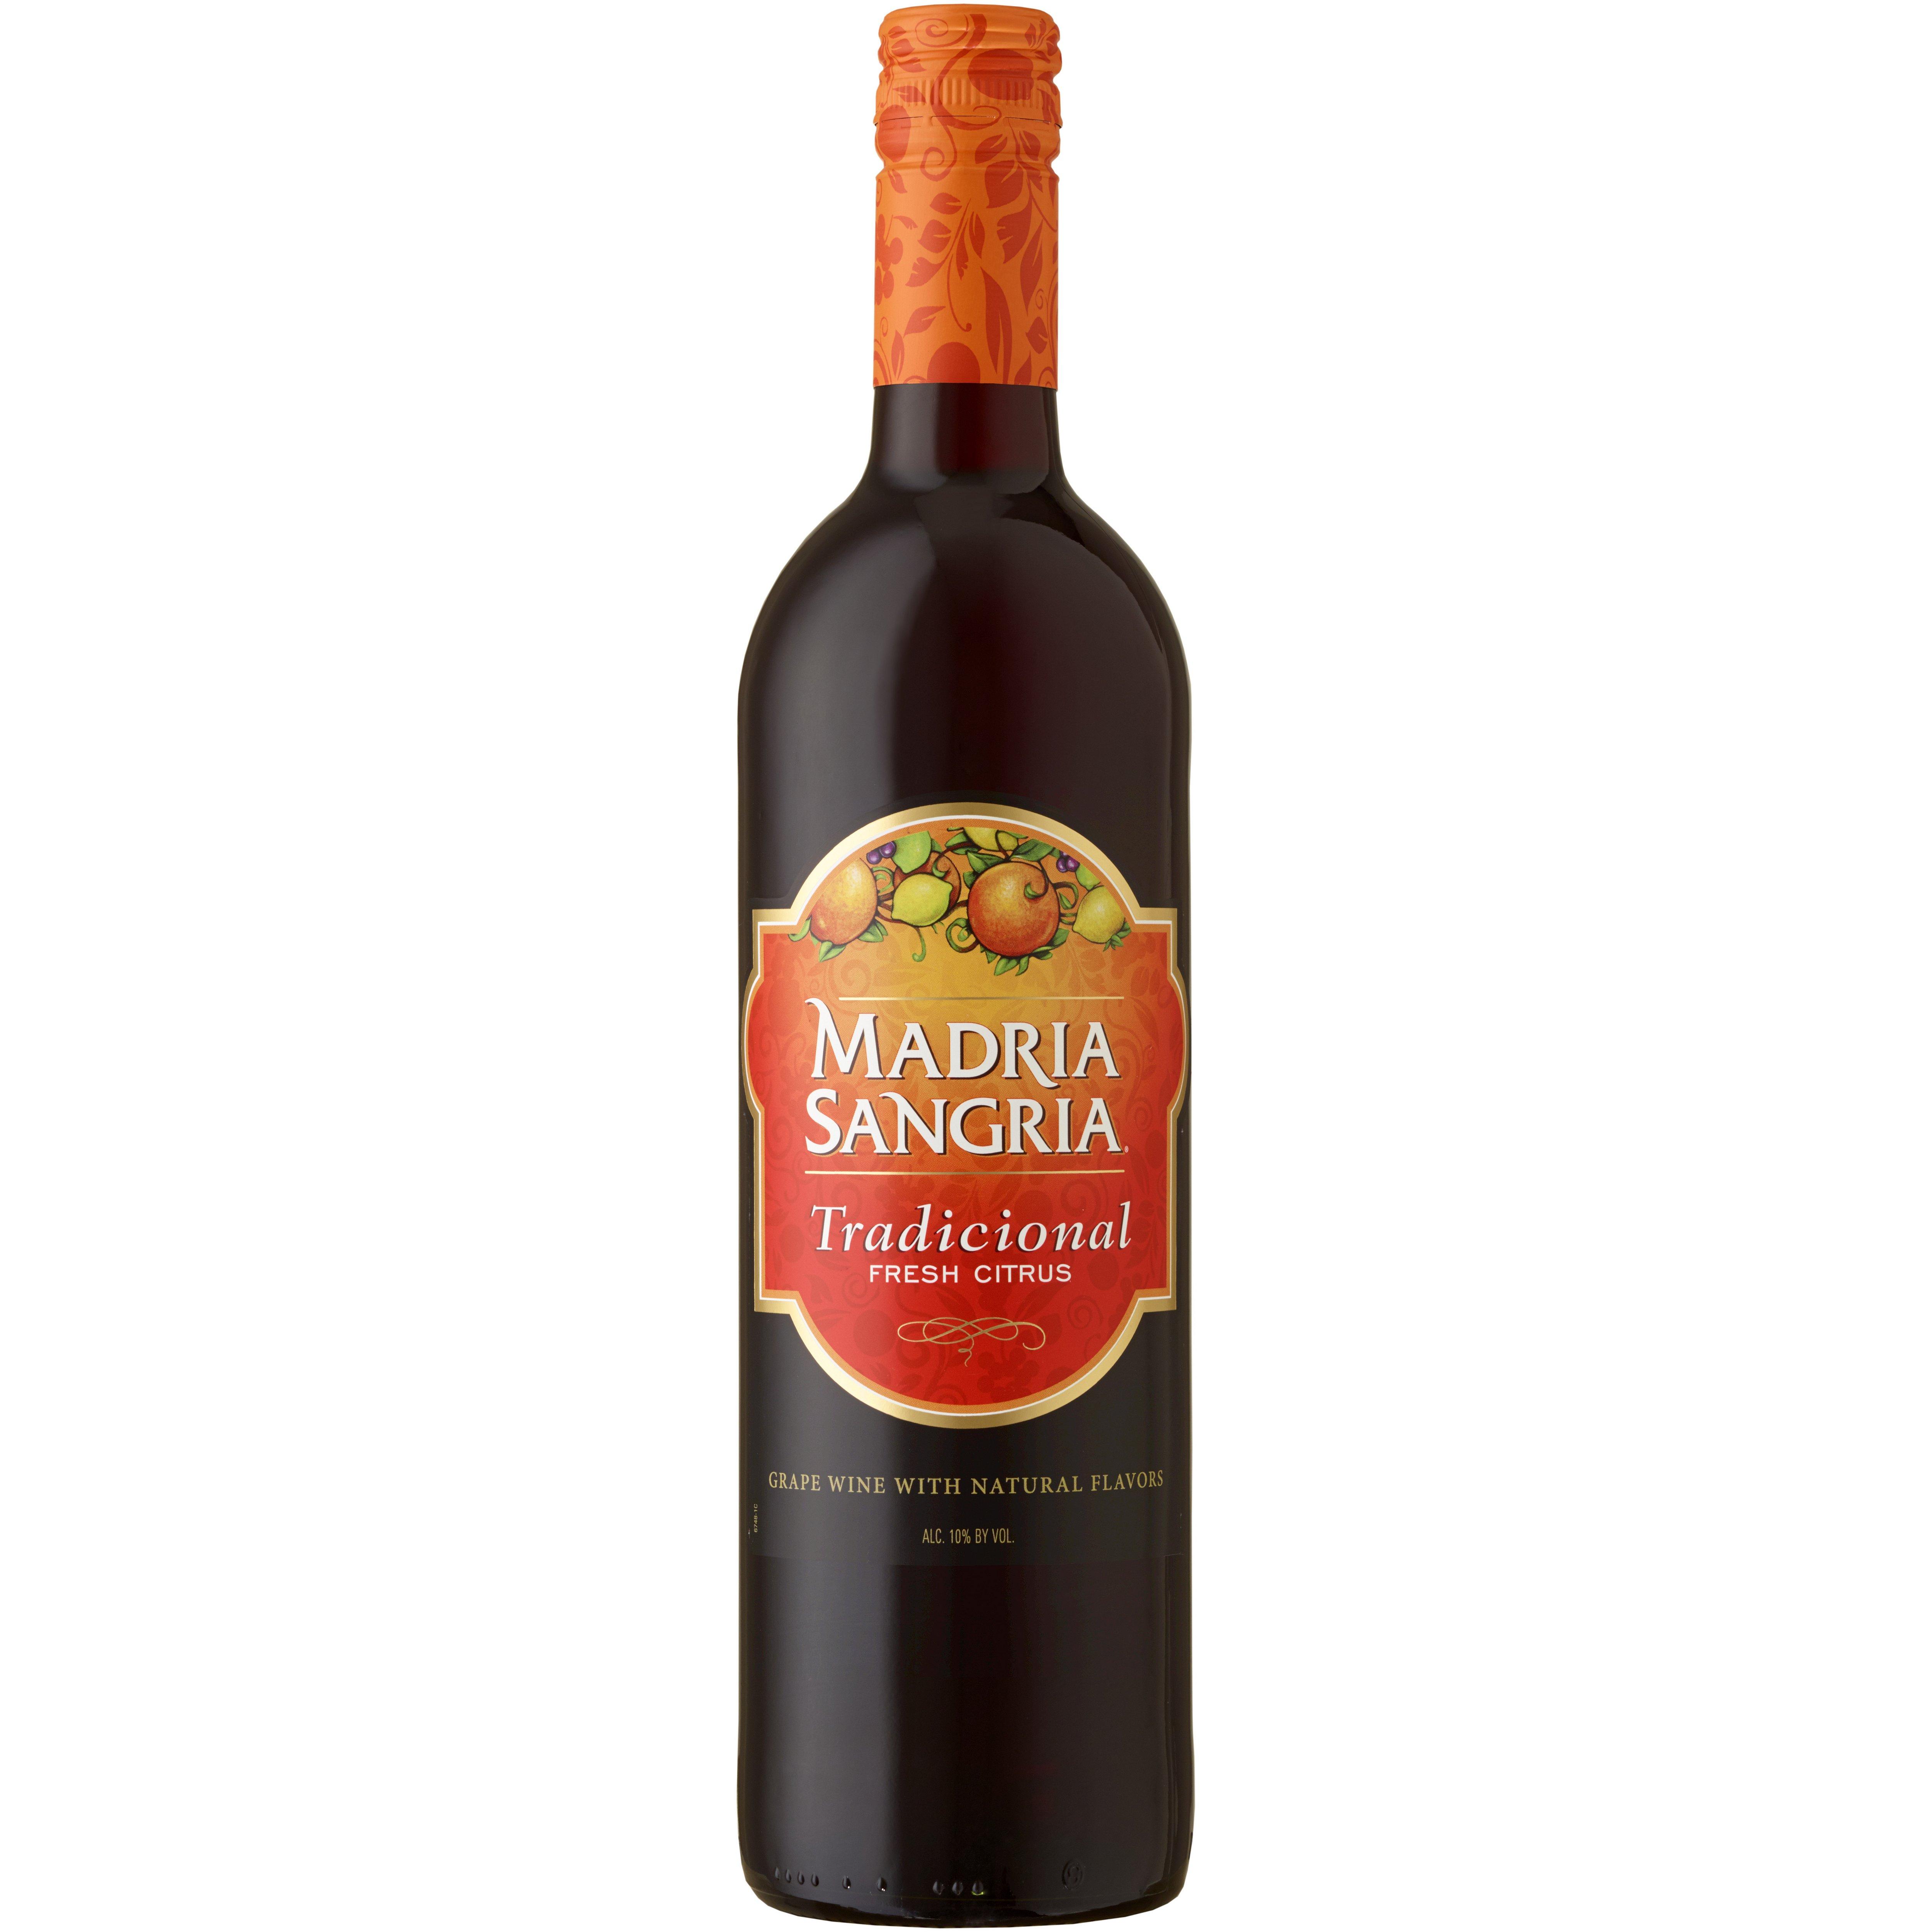 Madria Sangria Tradicional Sangria Shop Wine At H E B